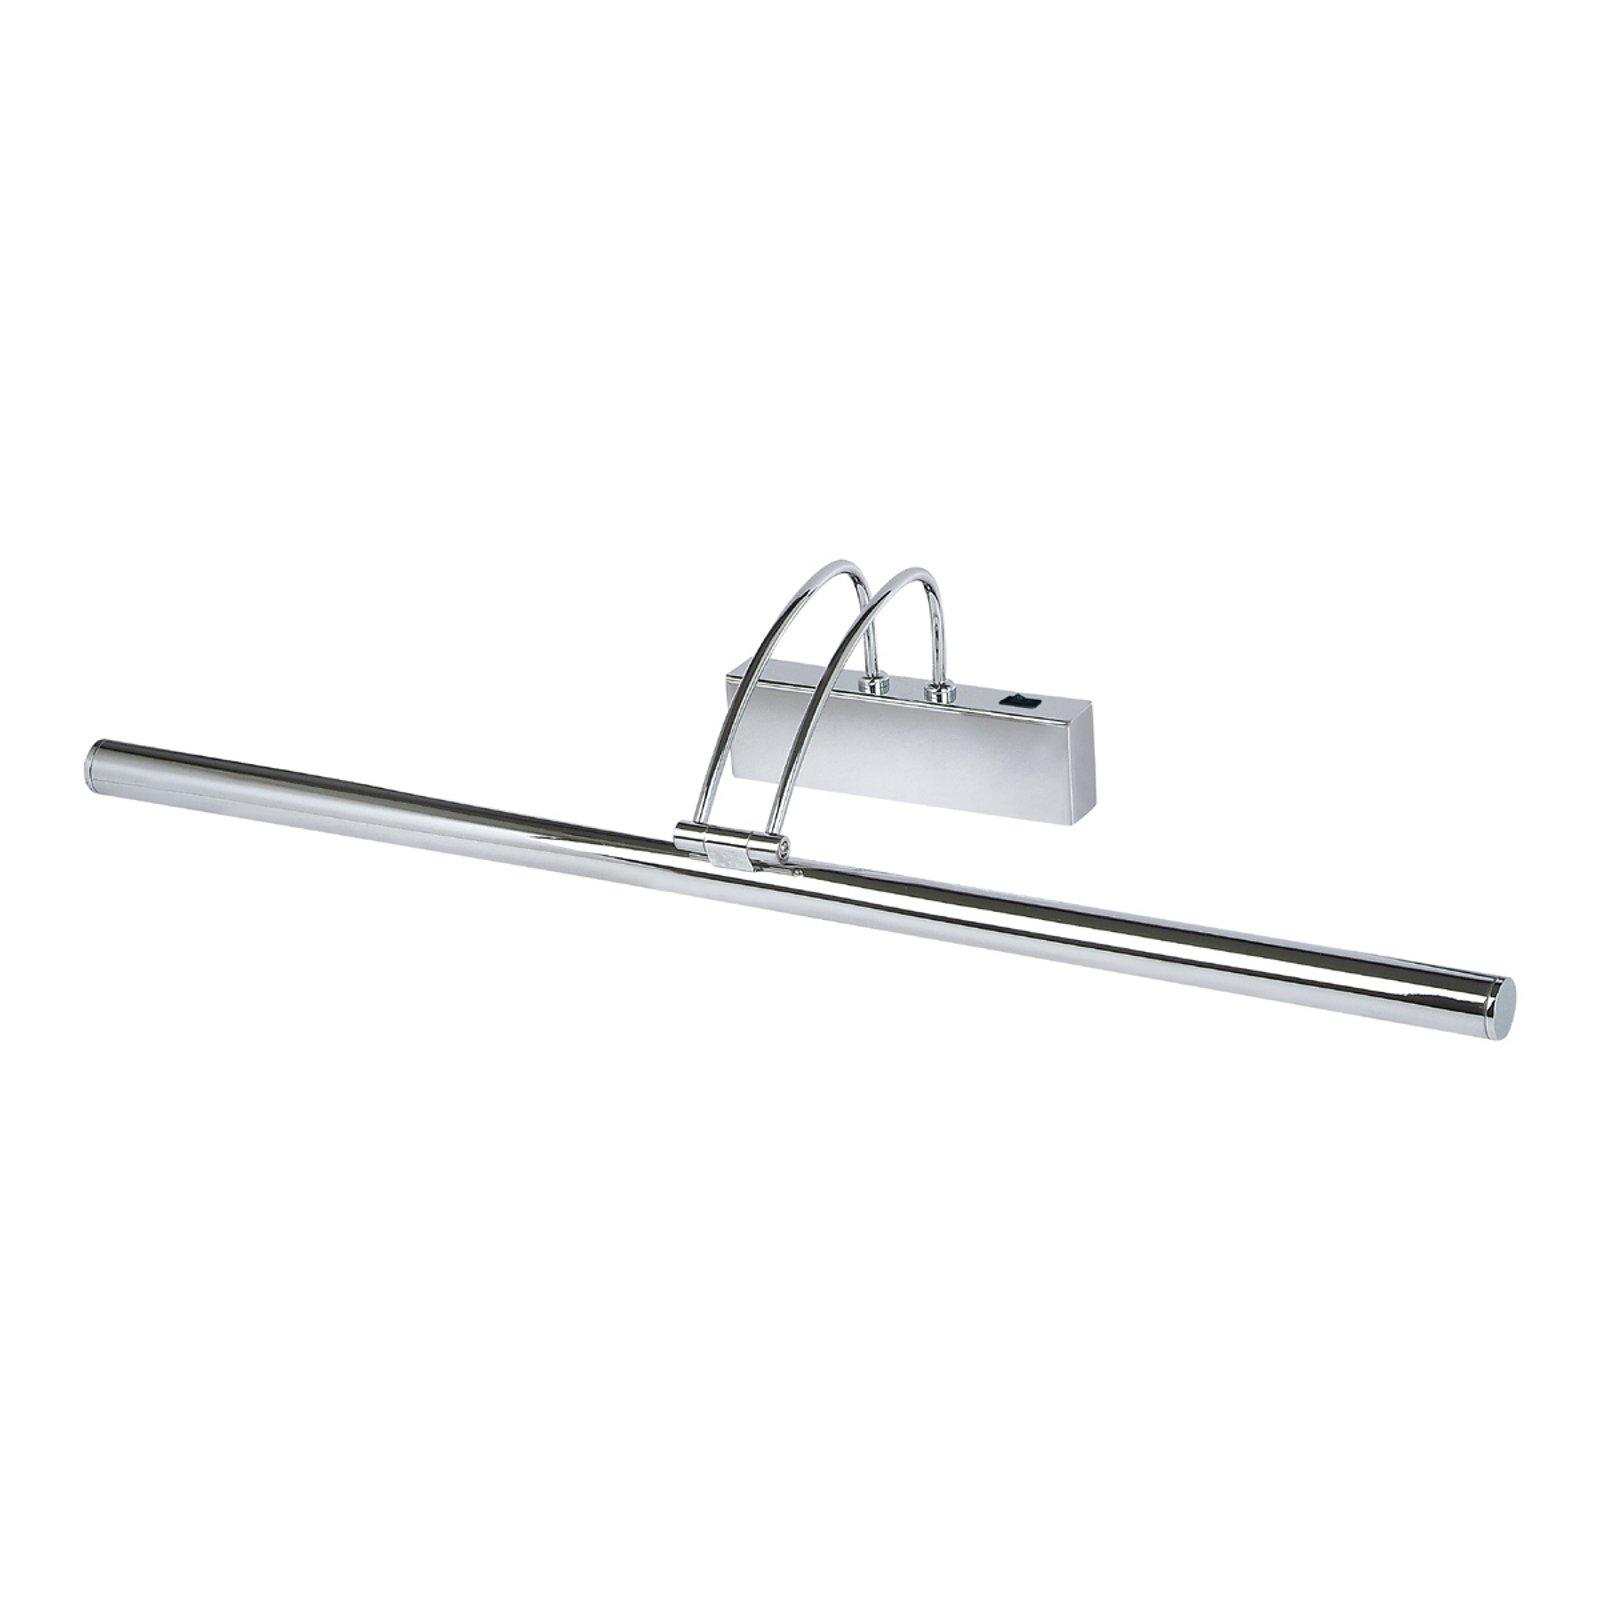 Piktura LED-bildelampe med bryter, krom